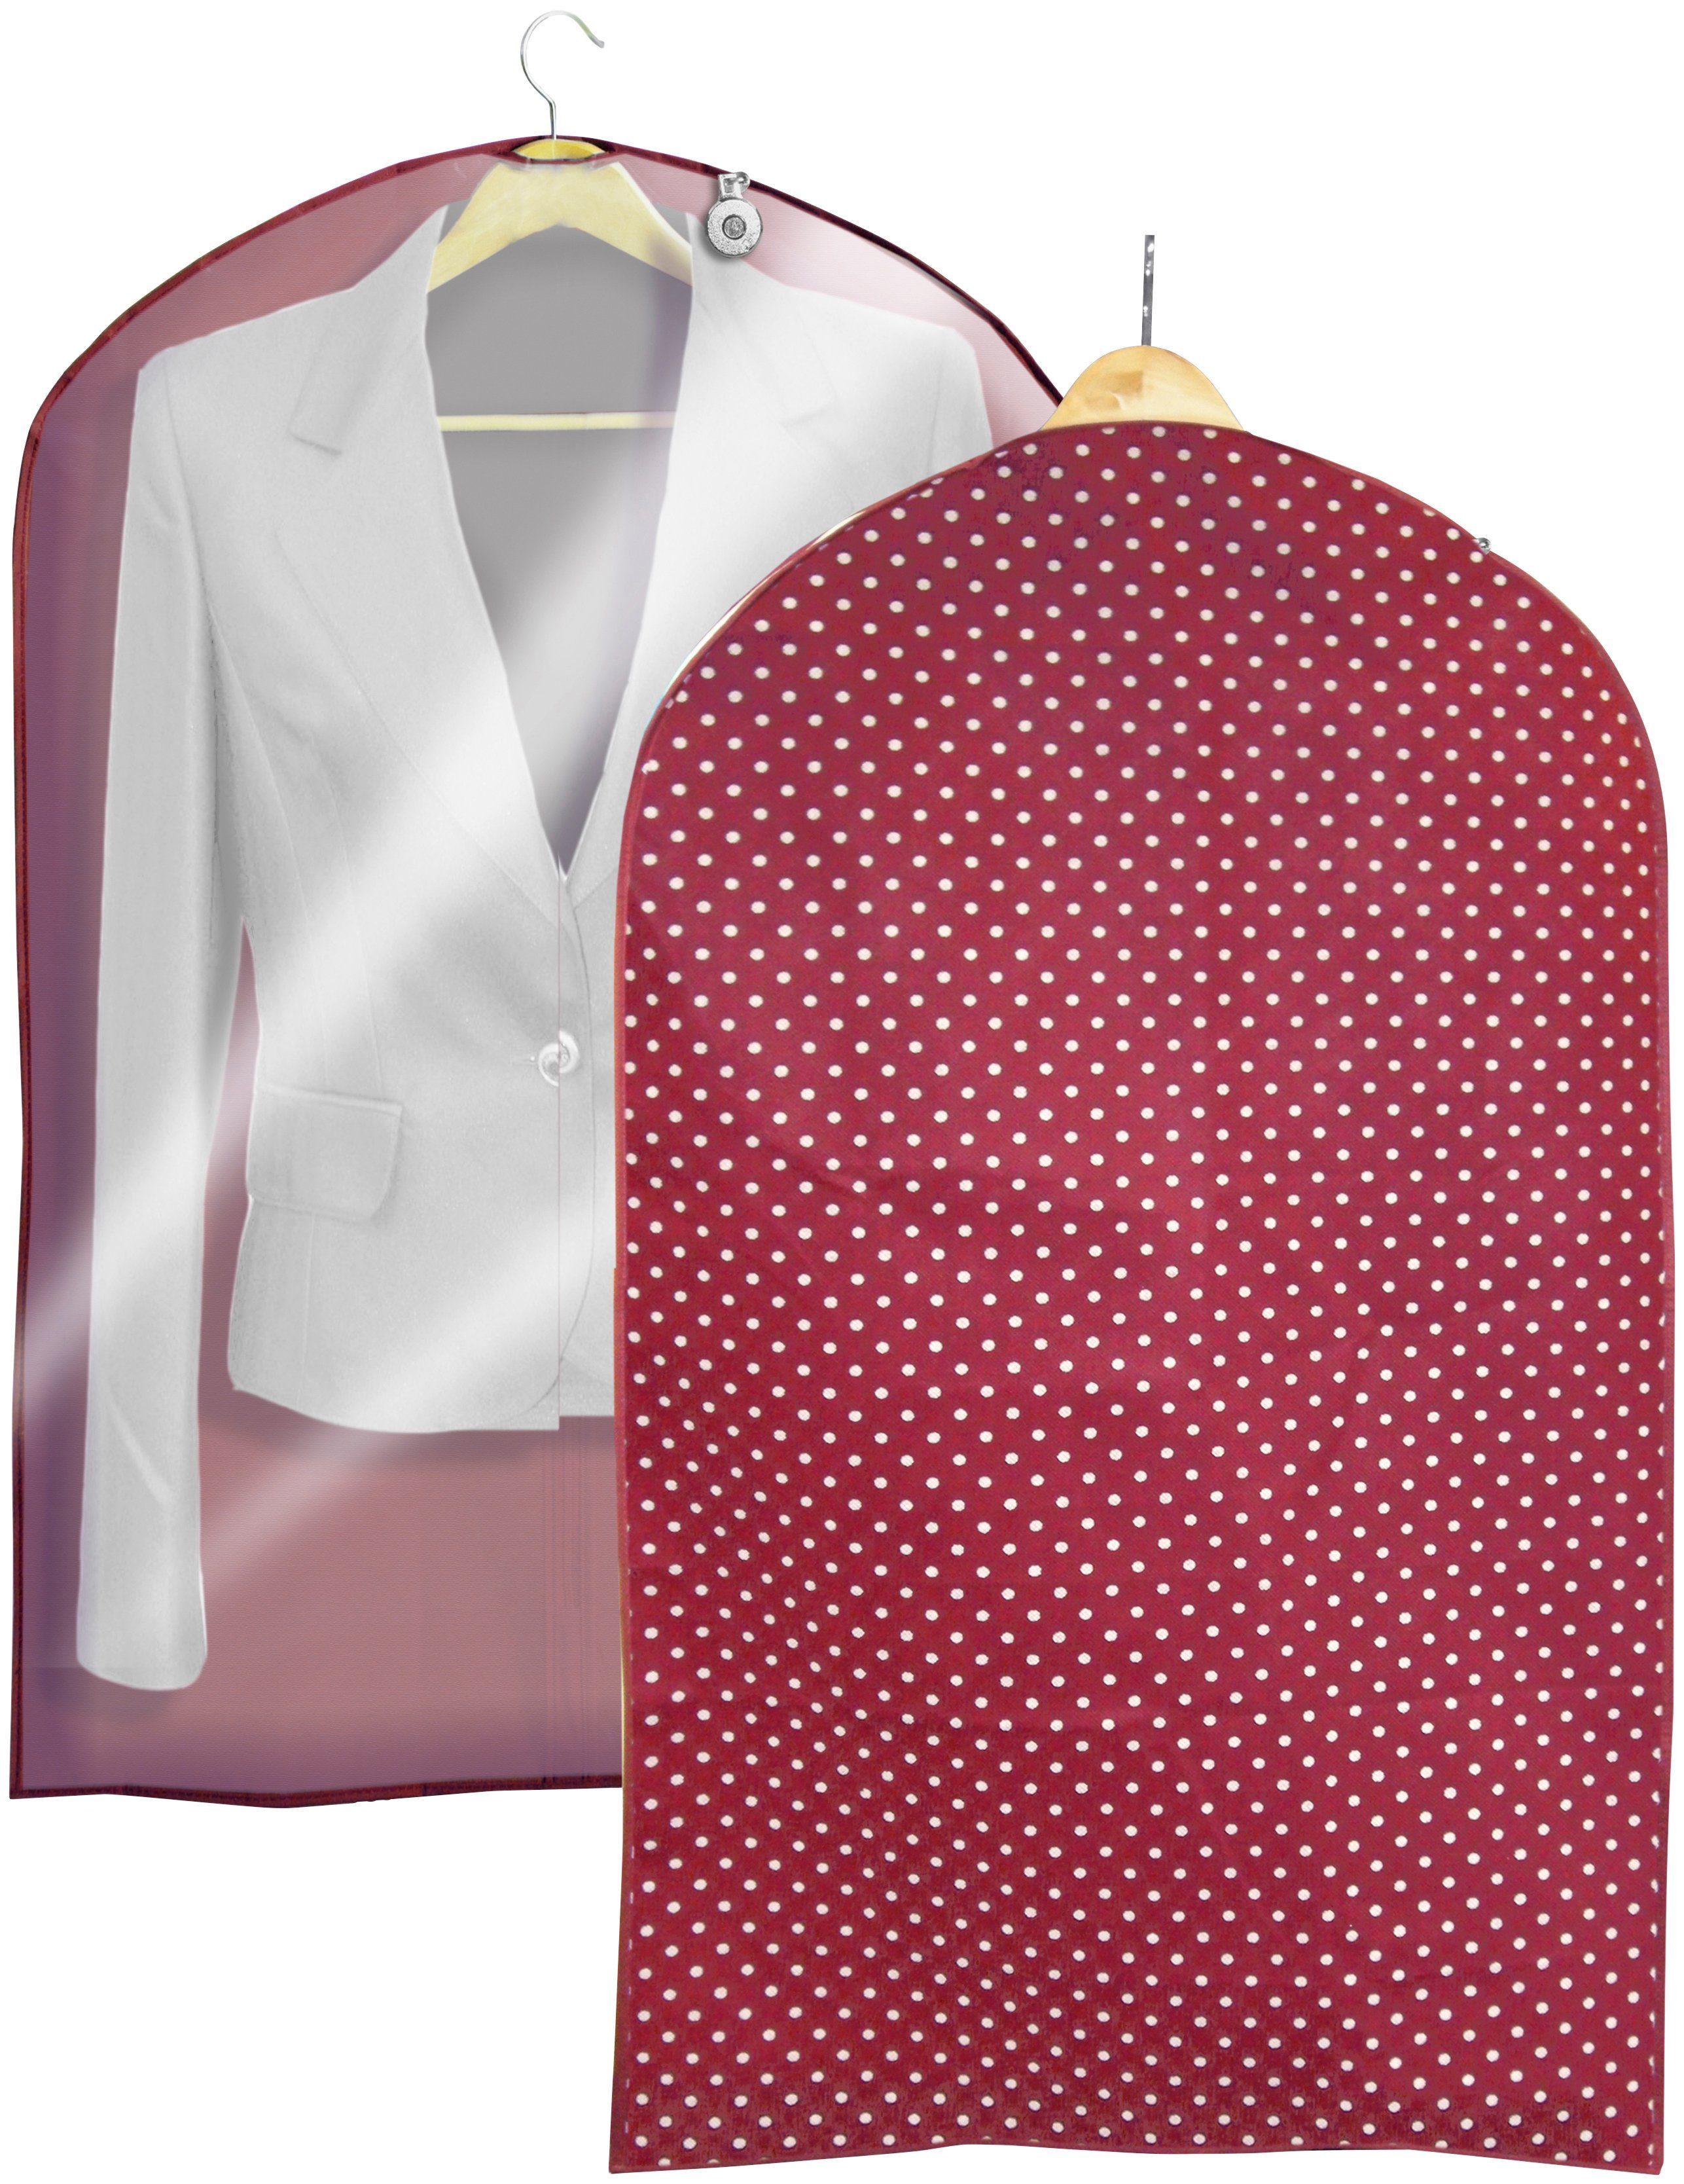 Kleidersack »Vino«, Größe M, 2er-Set